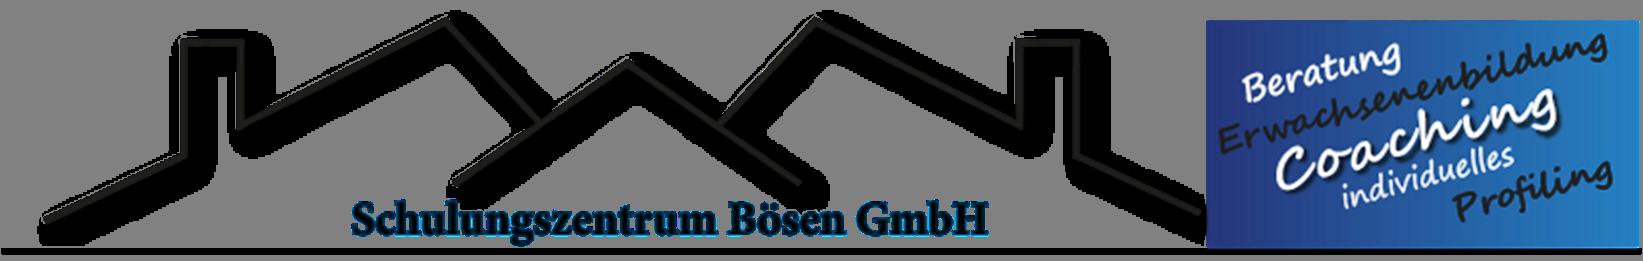 Boesen-Logo.png#asset:417